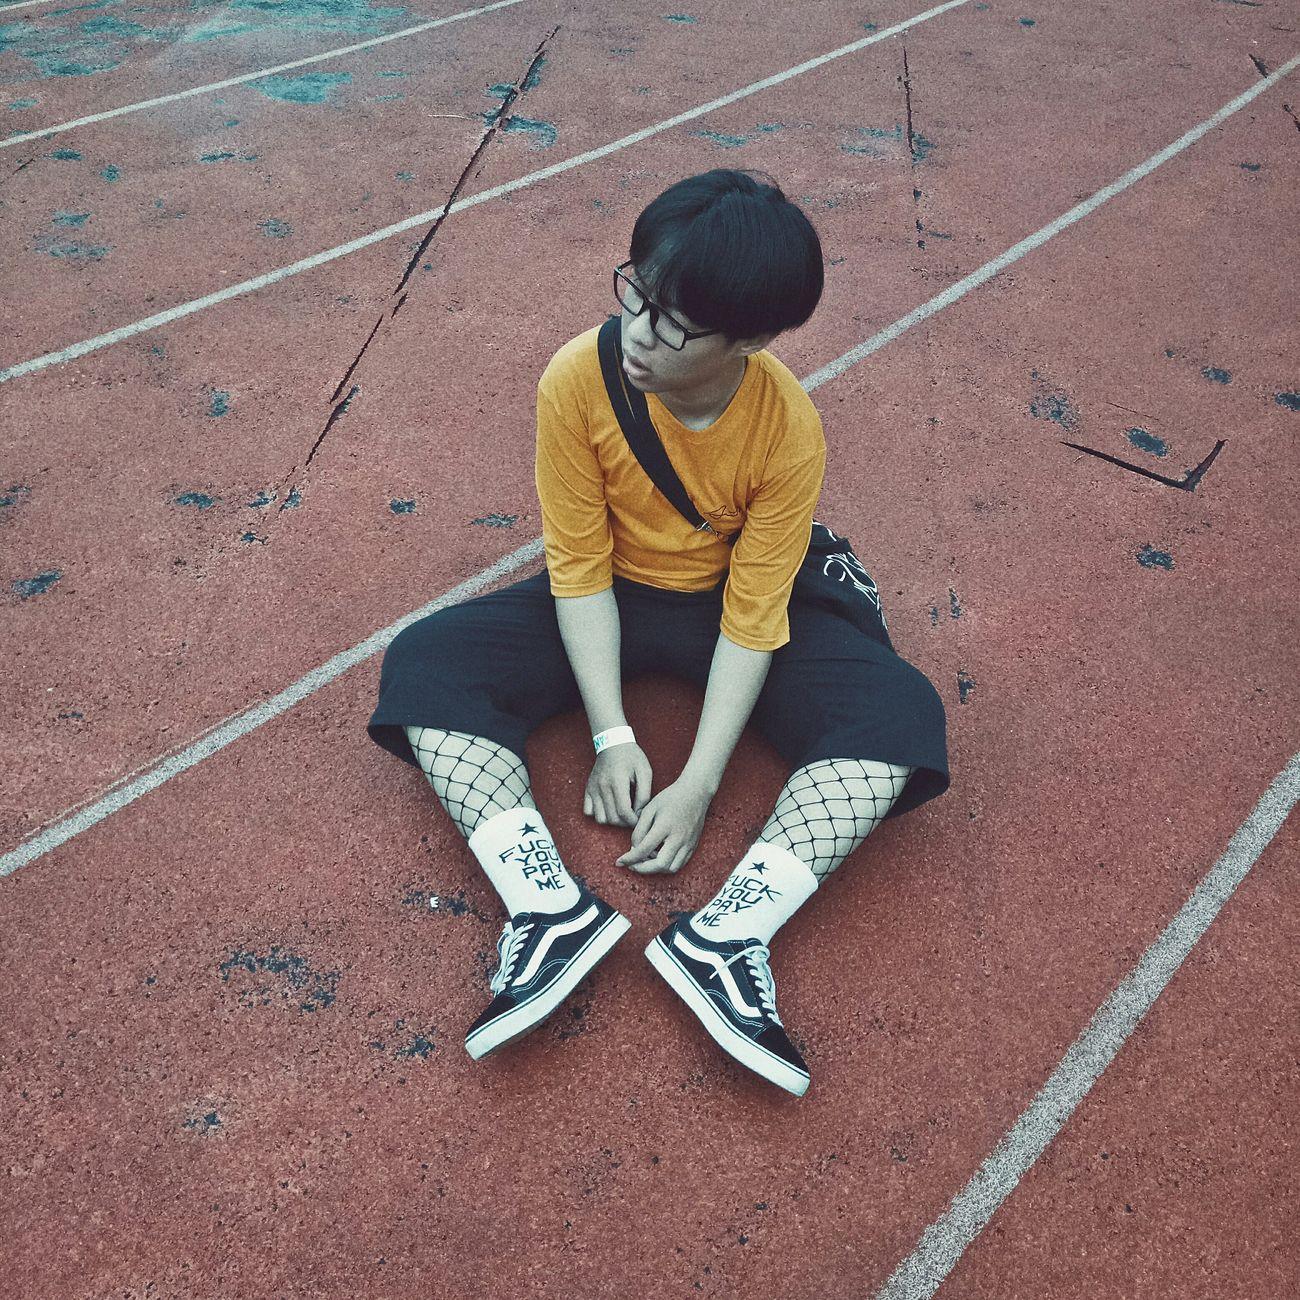 2017 Pts People Photography Vietnam Love ♥ Hôm Nay Làm Việc Liên Tục Me Alone 16th Model Nguyenhungtien Photo Day Ca Sĩ Happy Day ❤️🔥❤️ Km Tiên Hưởng Coffee Matcha Khu 7